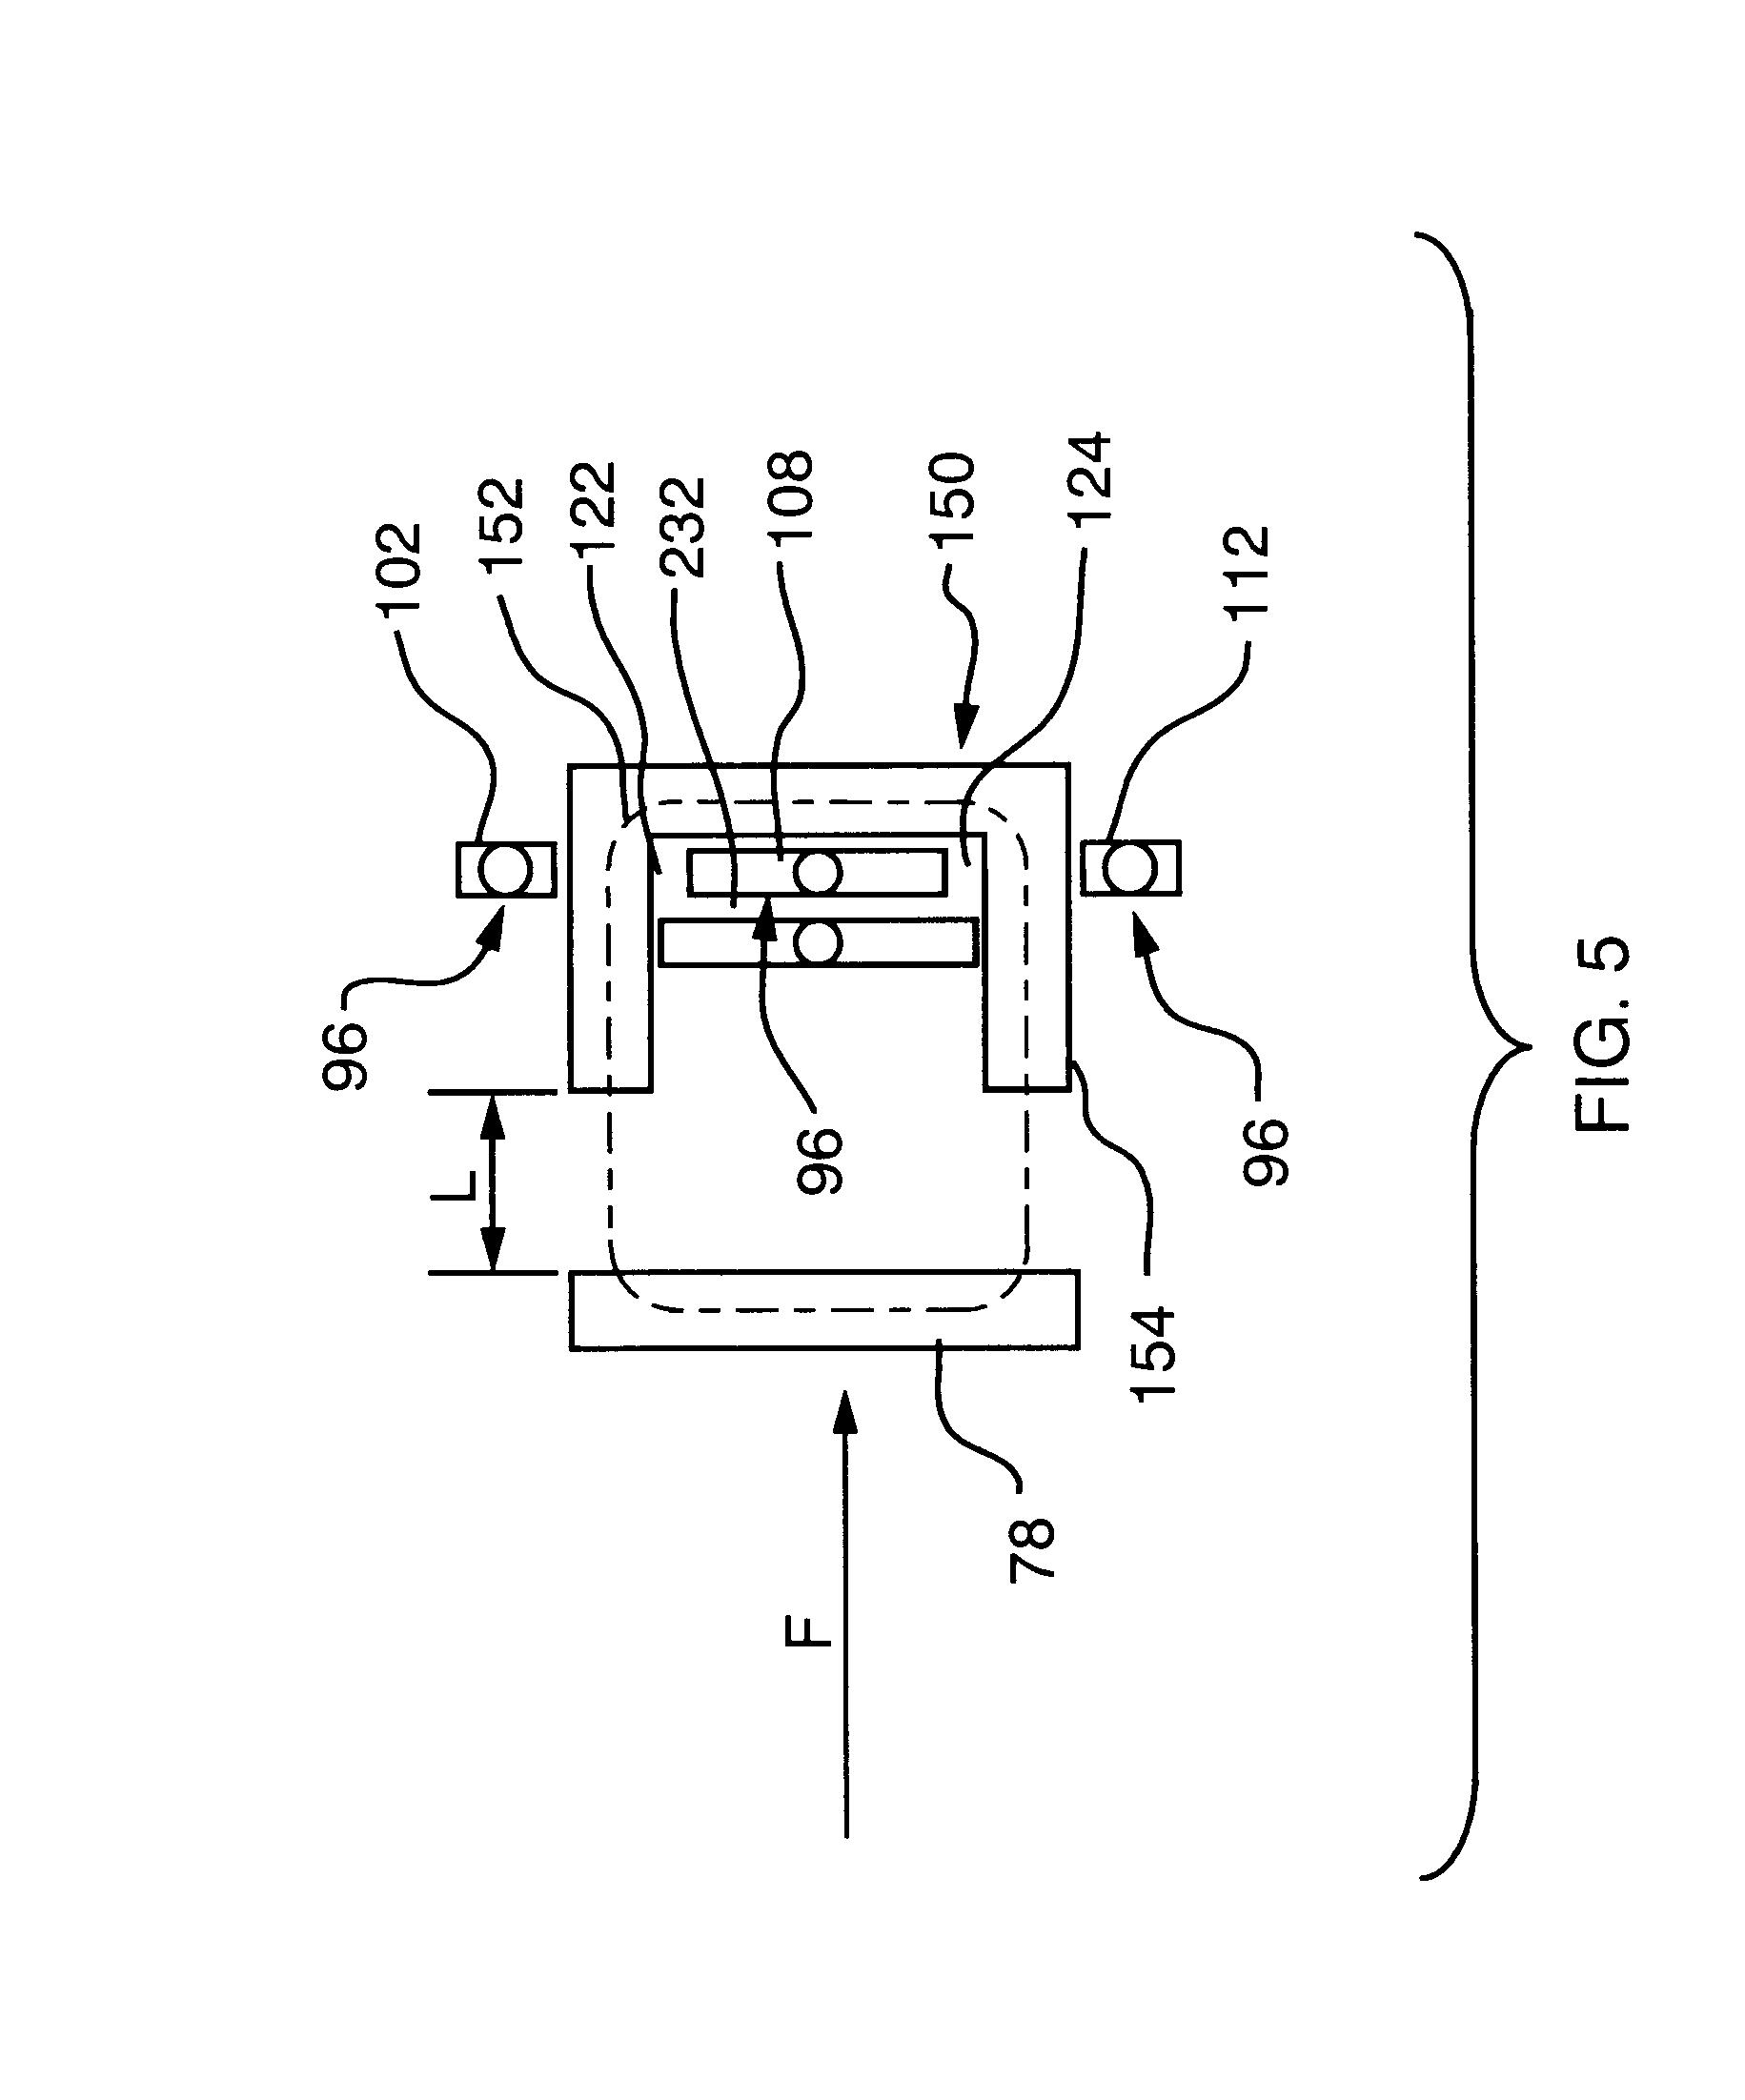 patent us6326869